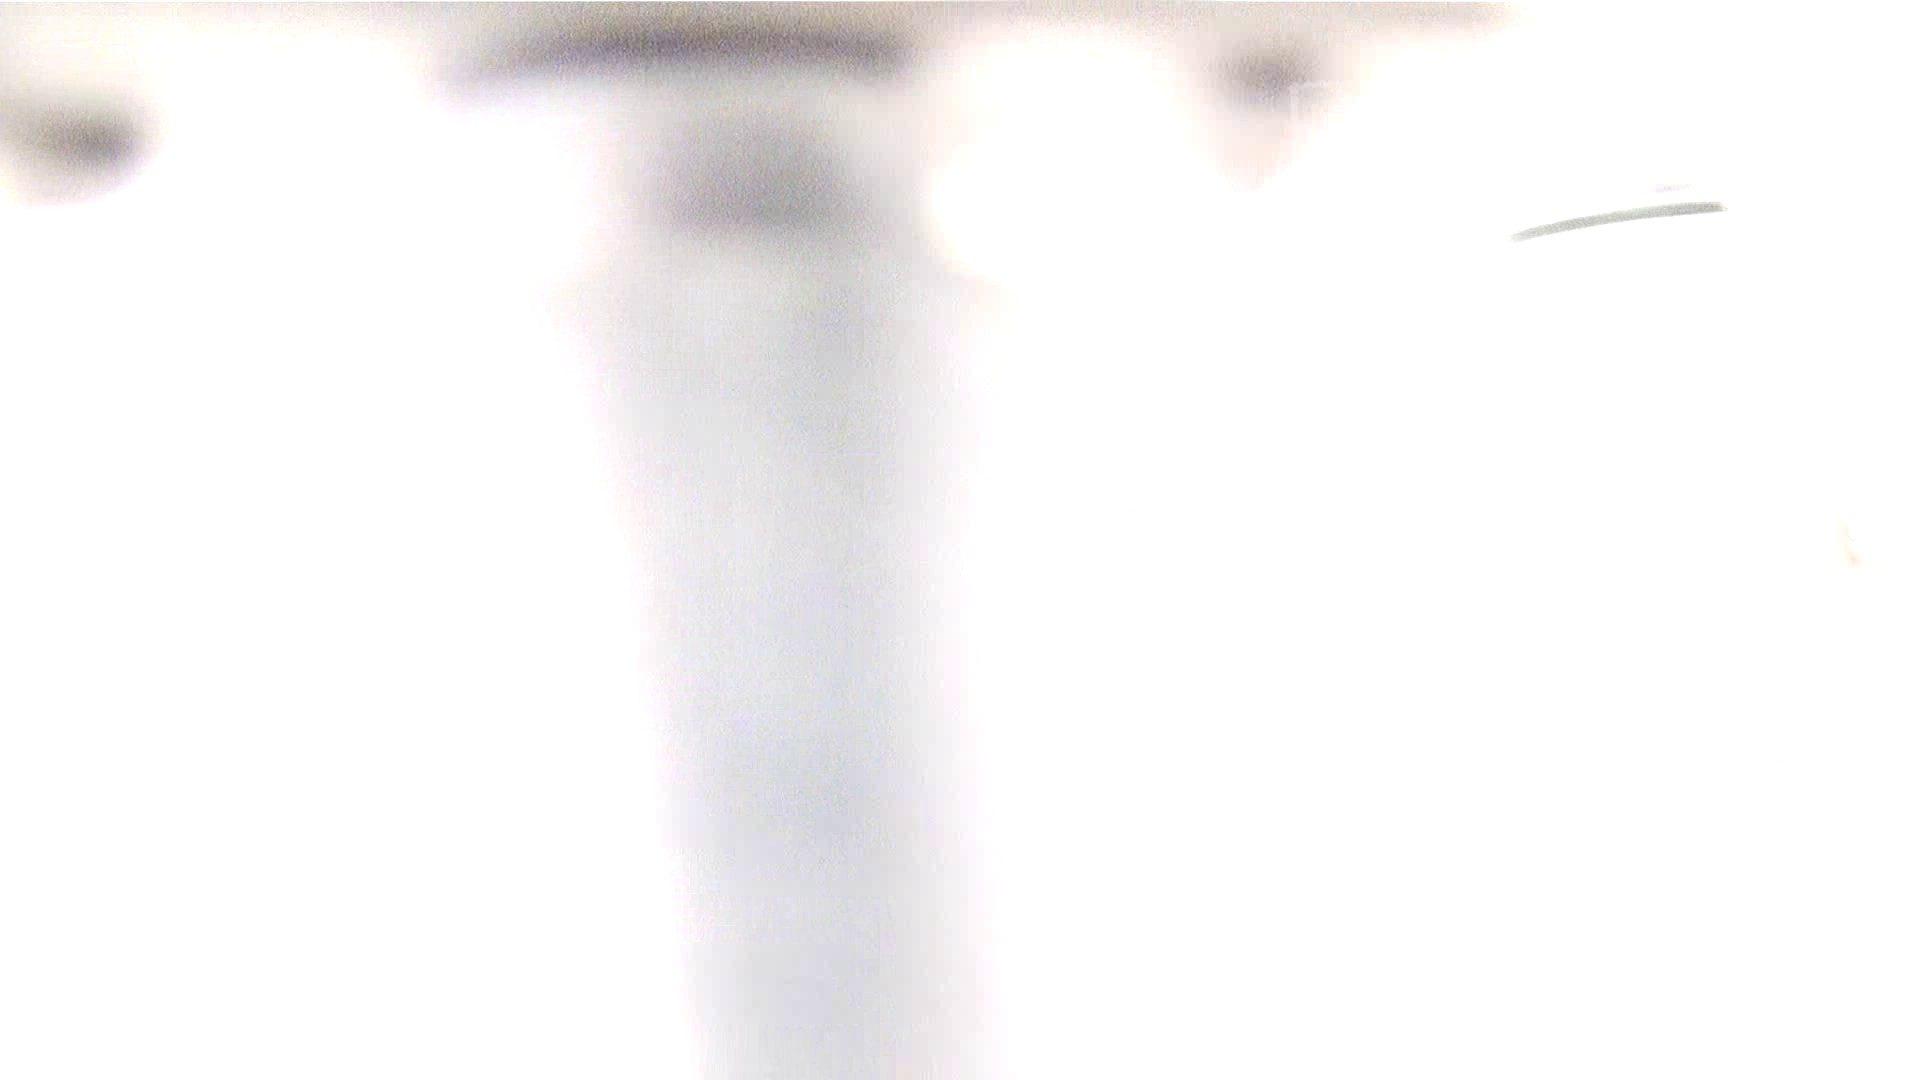 ※100個限定販売 至高下半身盗撮 プレミアム Vol.28 ハイビジョン 洗面所のぞき われめAV動画紹介 110枚 11